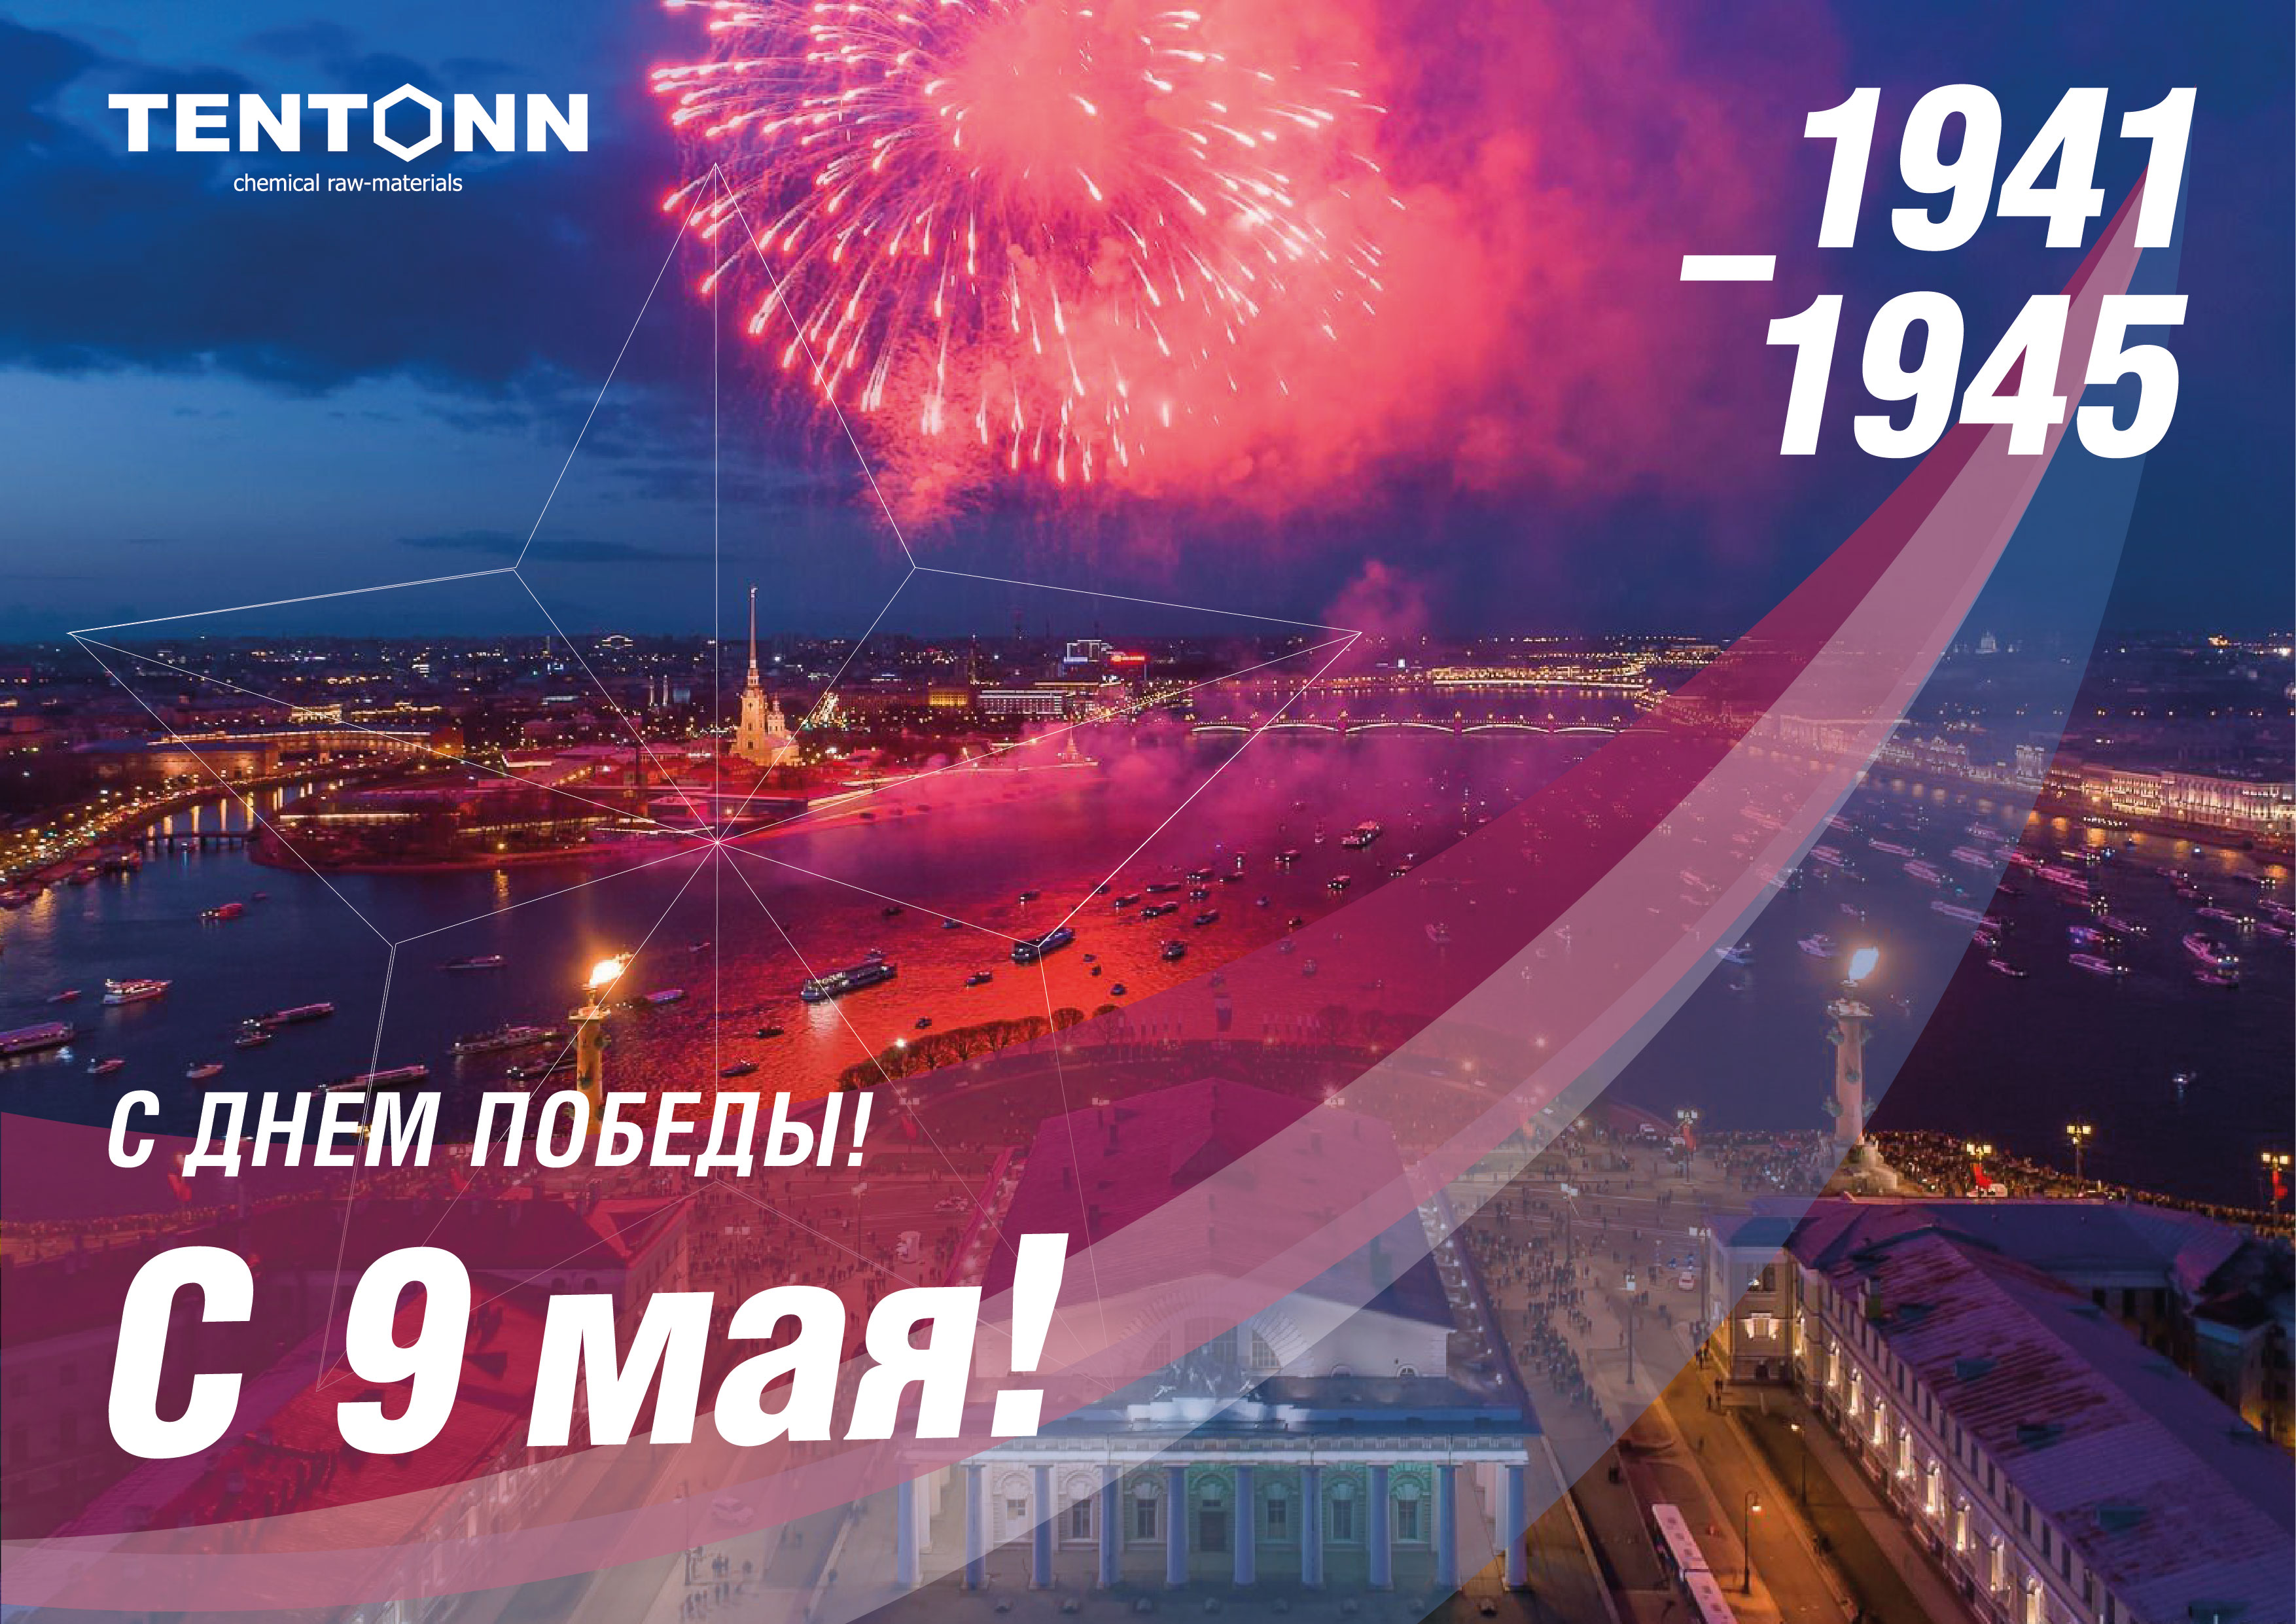 TENTONN поздравляет с Днем Победы!